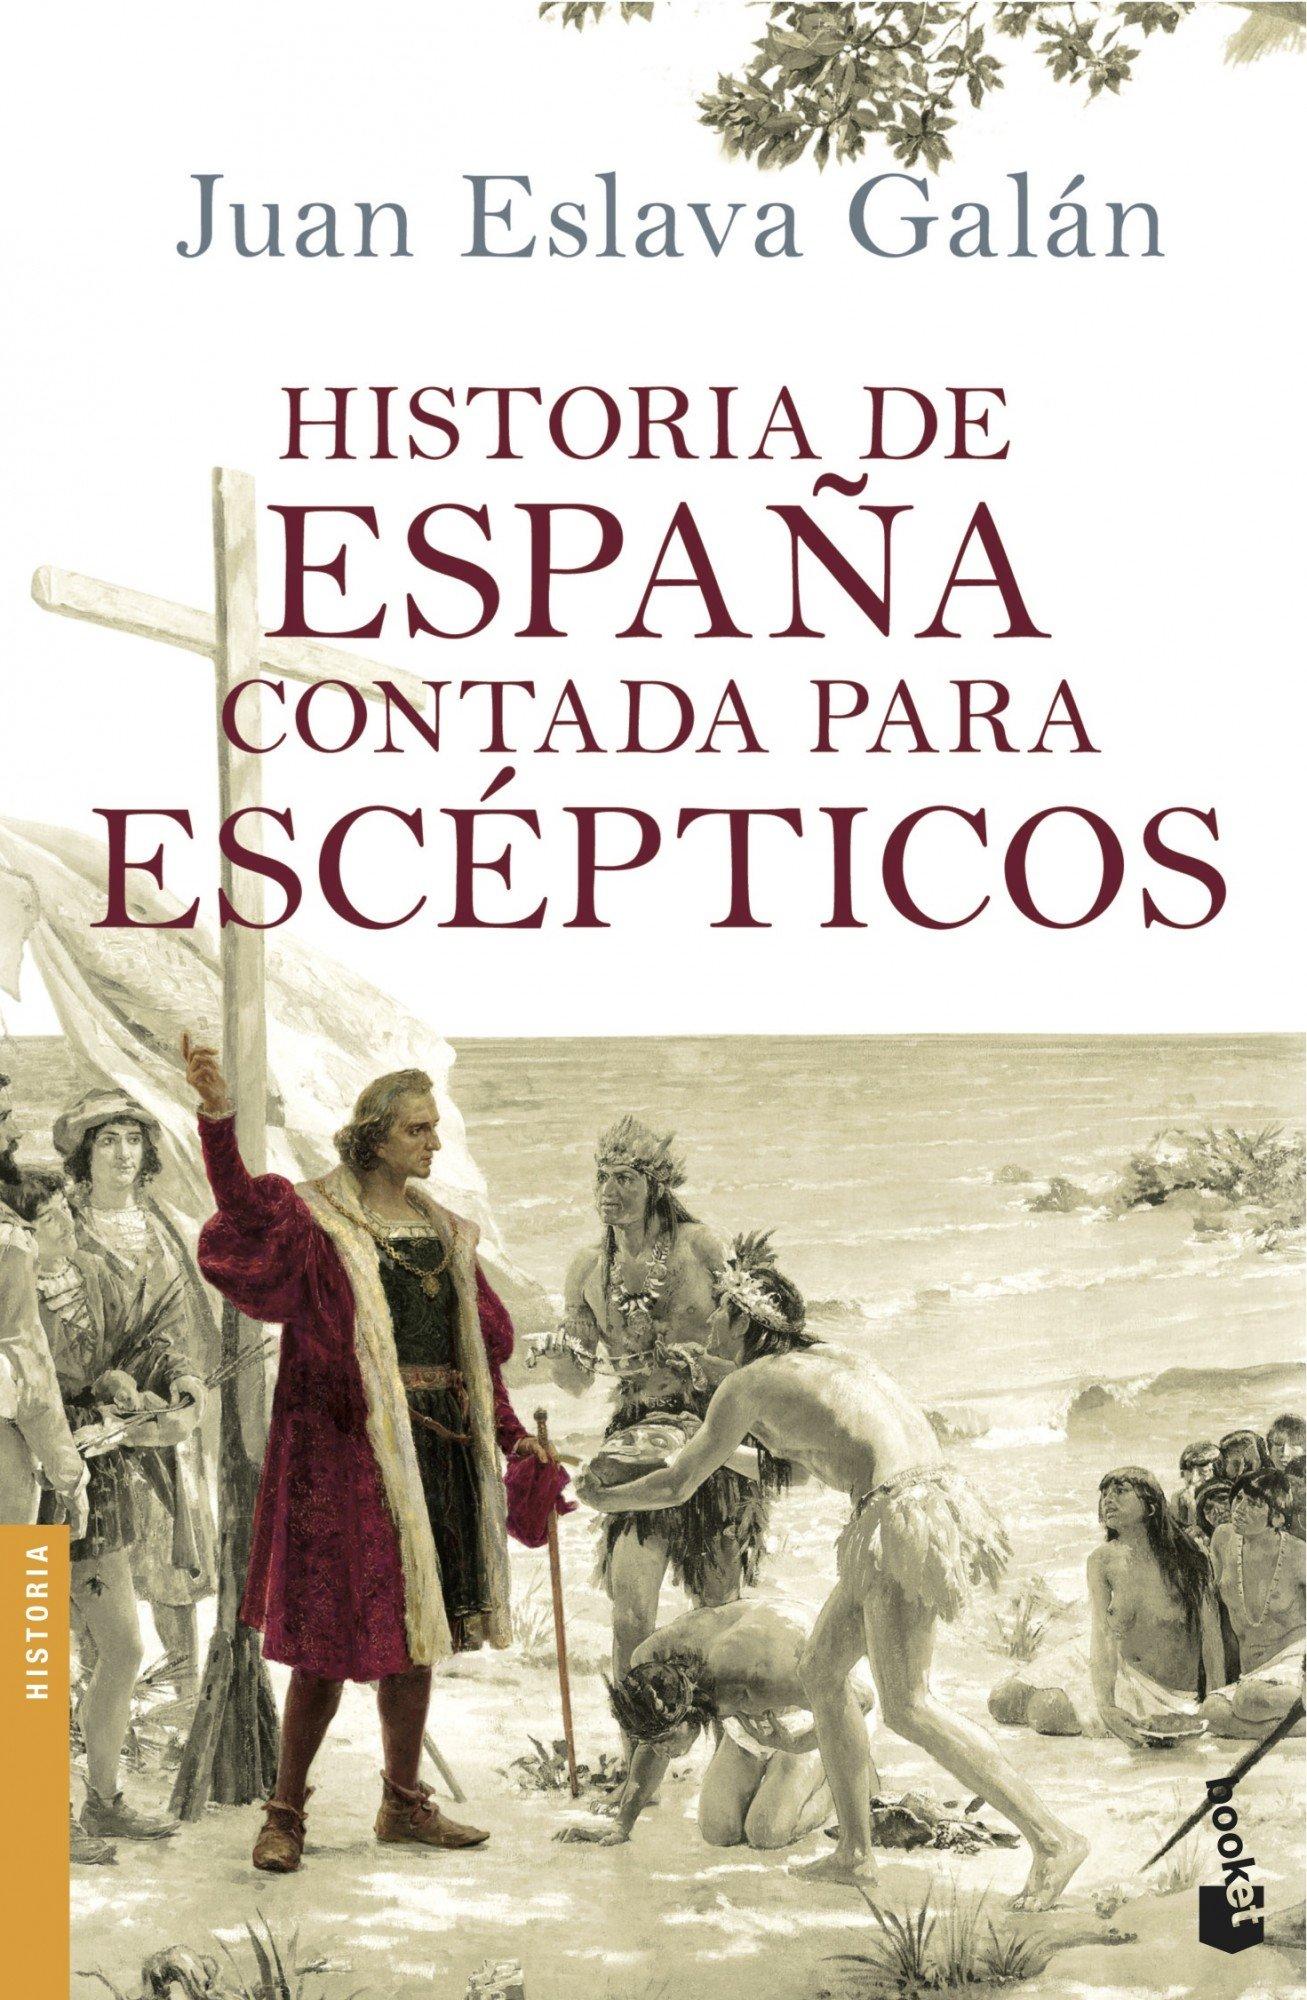 Historia de España contada para escépticos Divulgación: Amazon.es: Eslava Galán, Juan: Libros